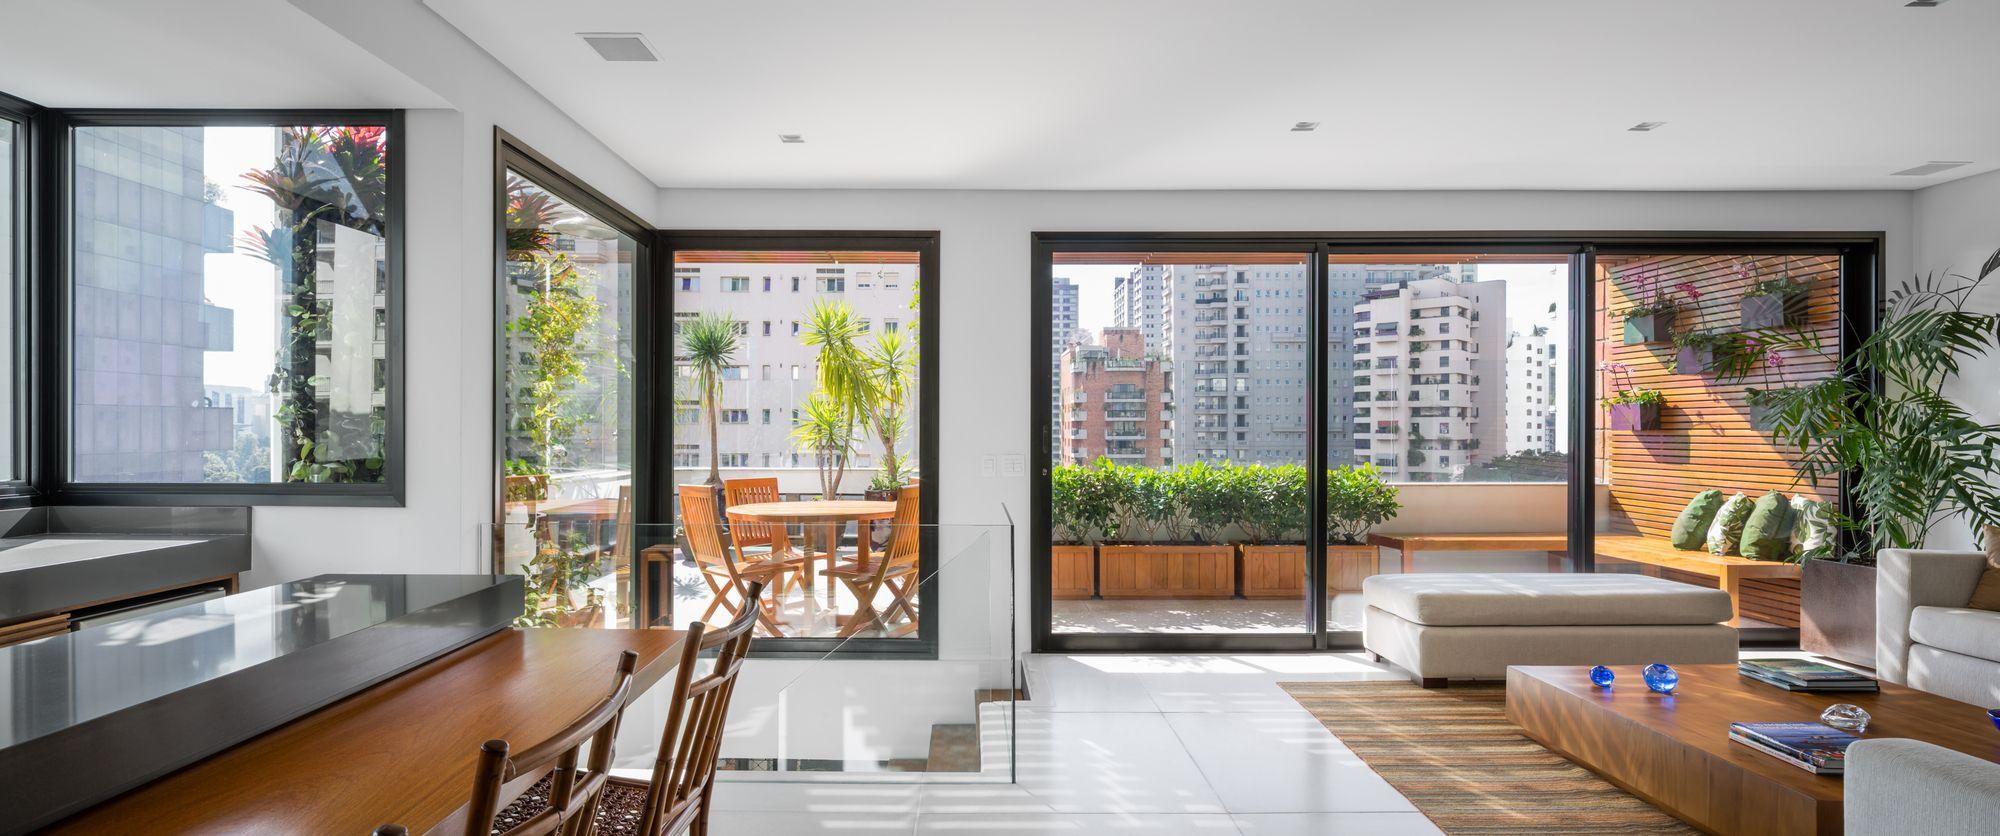 Apartamento A.R. / Rocco Arquitetos & A.R. / Rocco Arquitetos Pezcame.Com